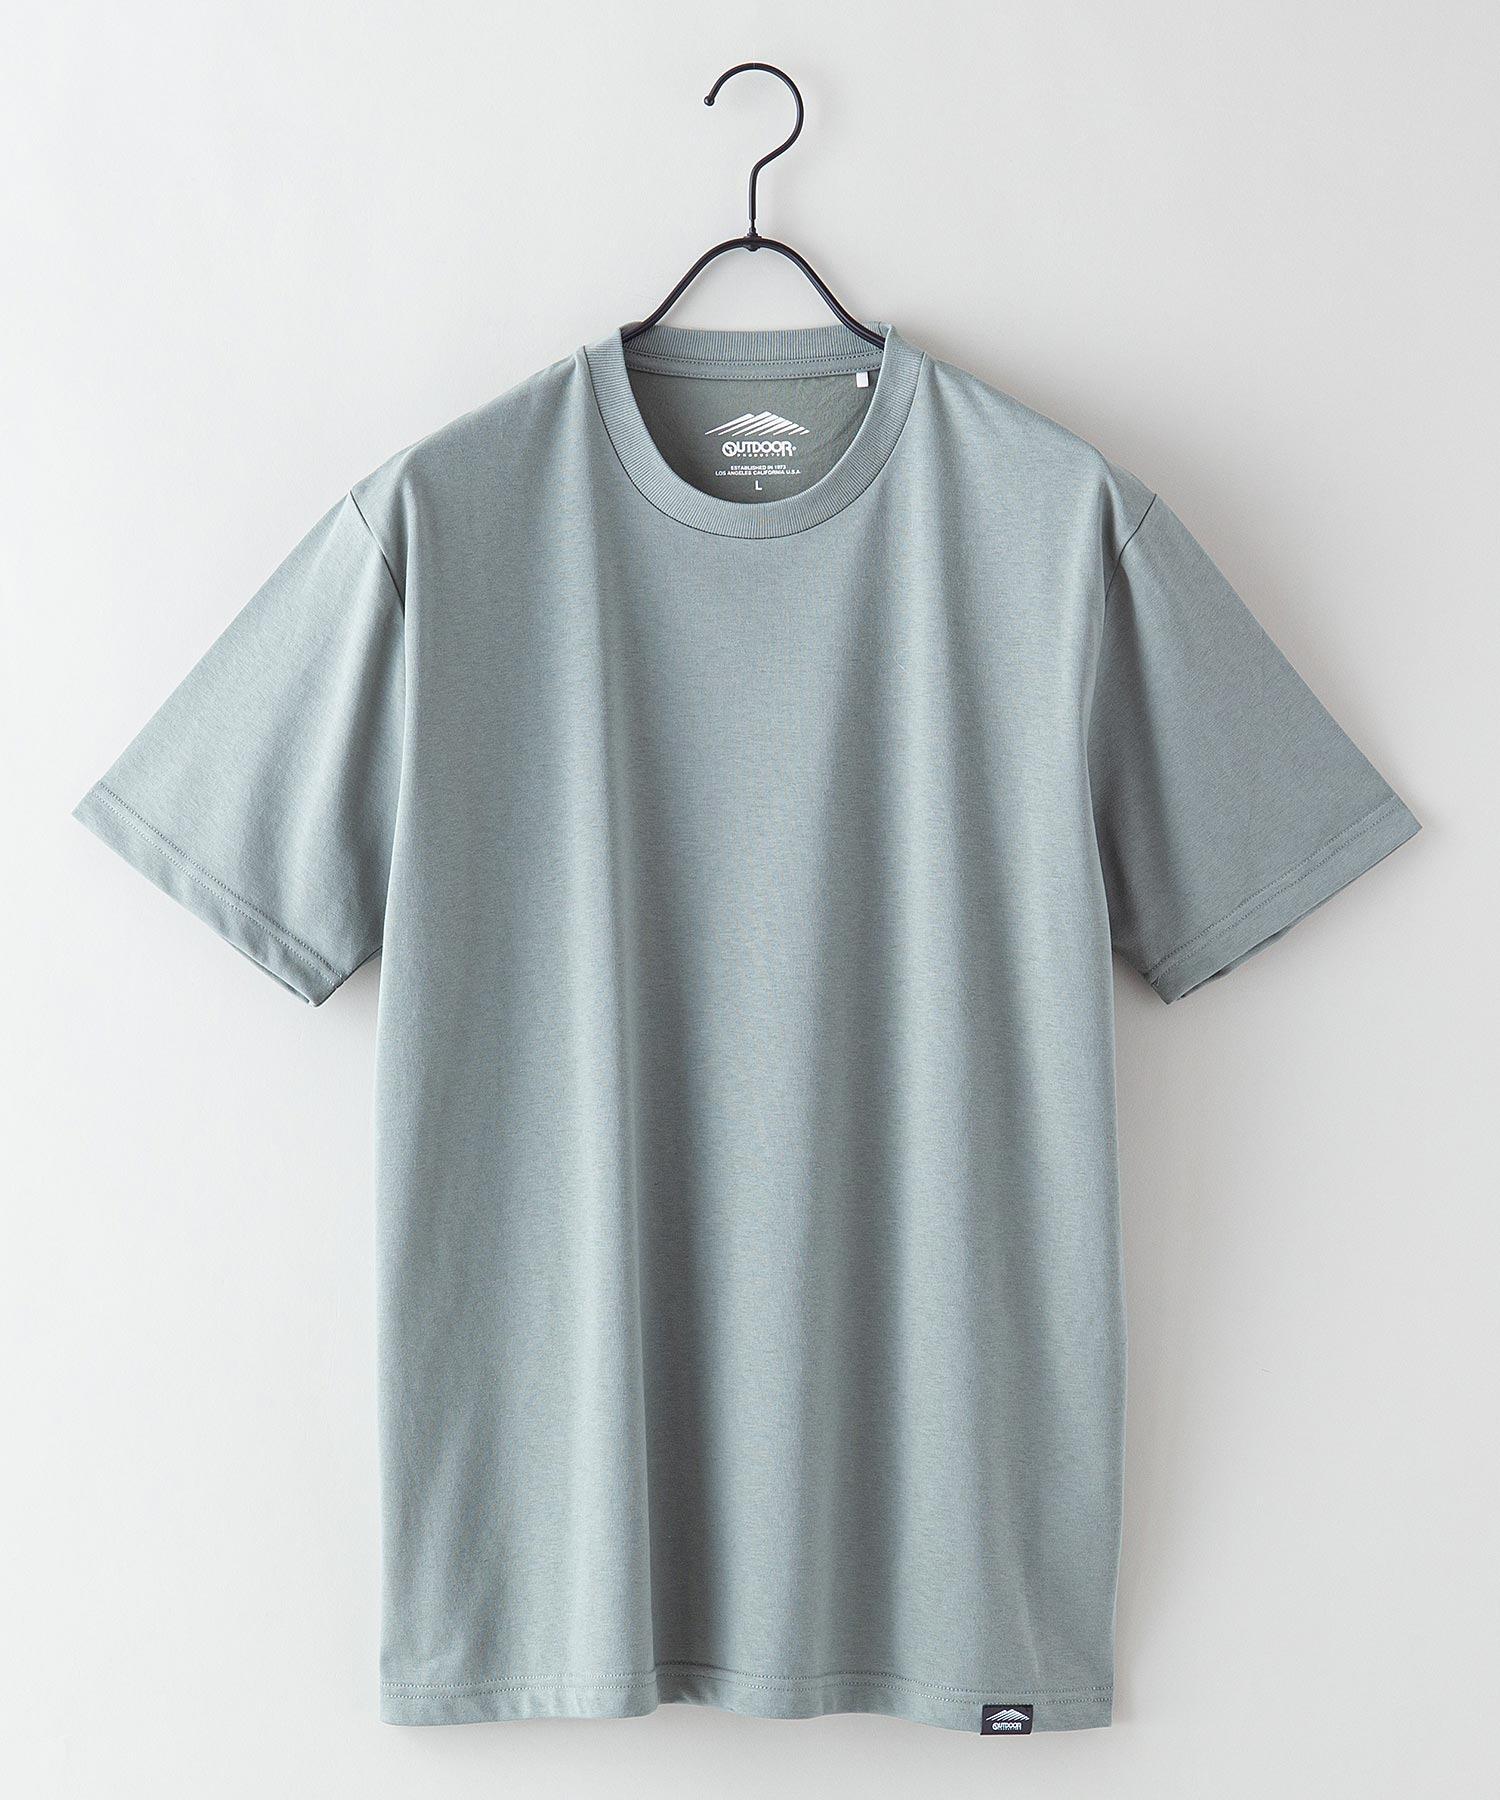 ドライ機能付き(速乾機能)ワンポイントブランドロゴ/ピスネーム付き/ビッグシルエット/無地Tシャツ